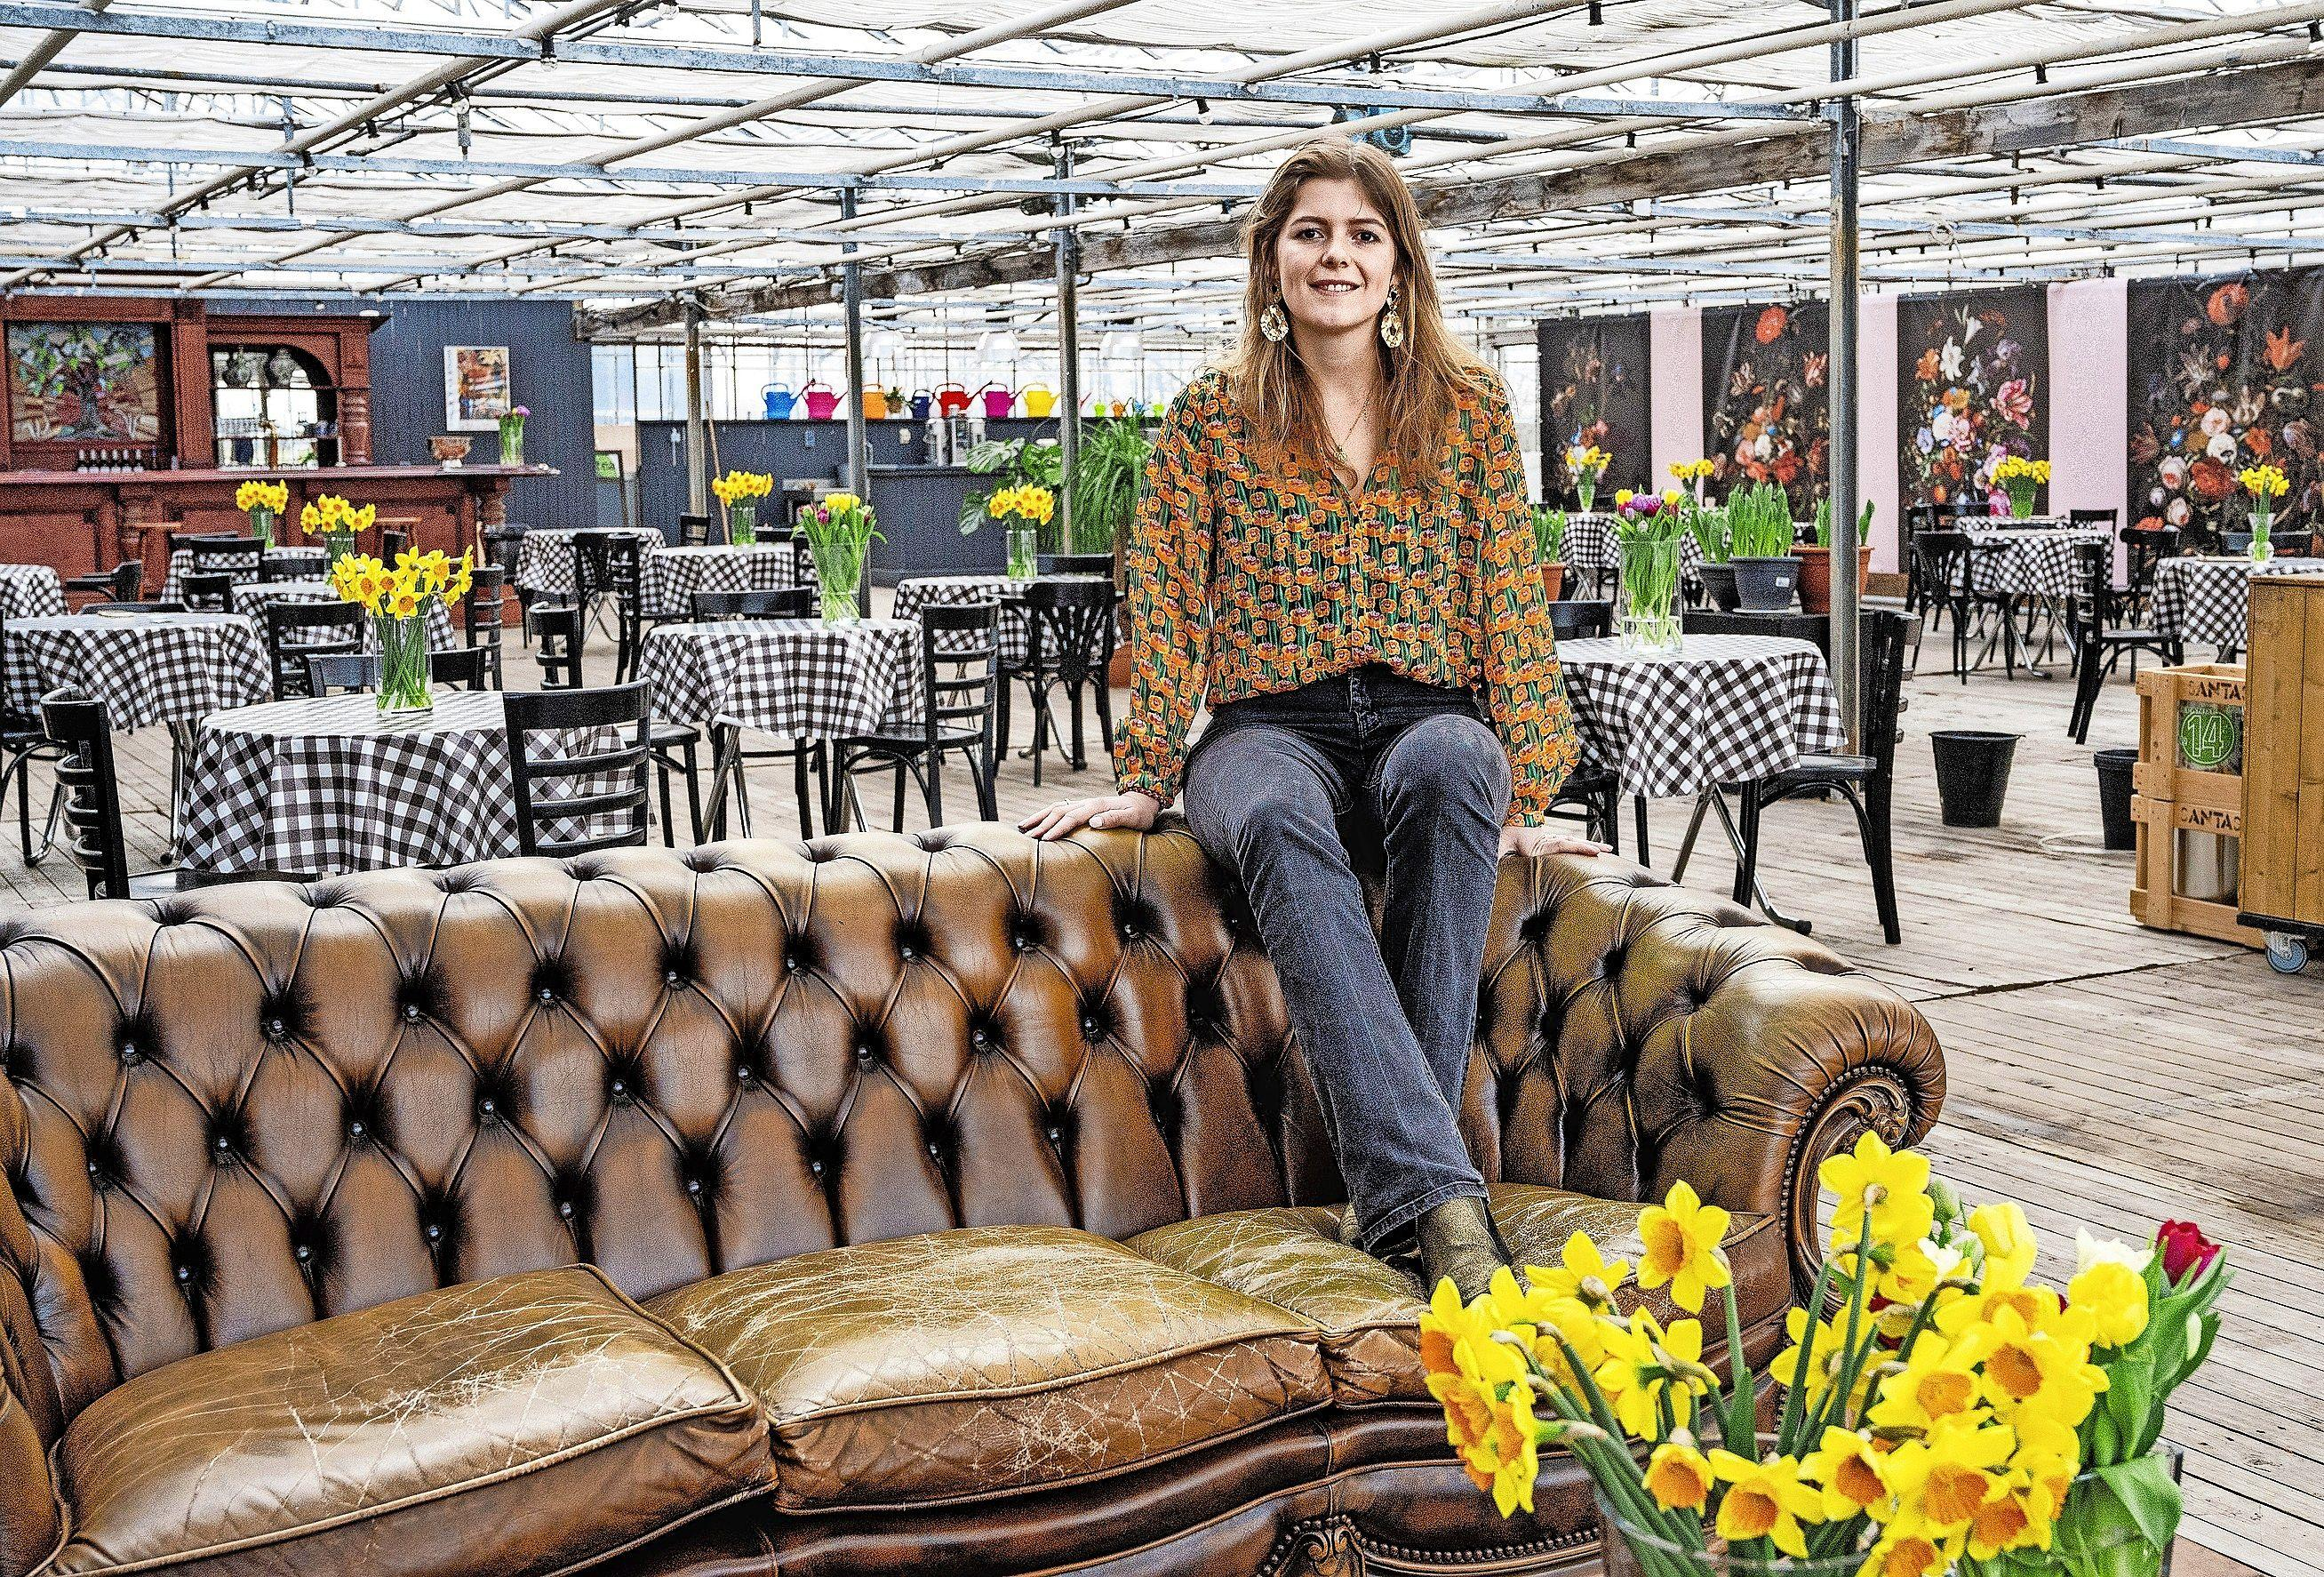 Piepjonge ondernemer Romy Ruigrok opent The Tulip Barn: horeca, bloemenattractie en afstudeerproject ineen